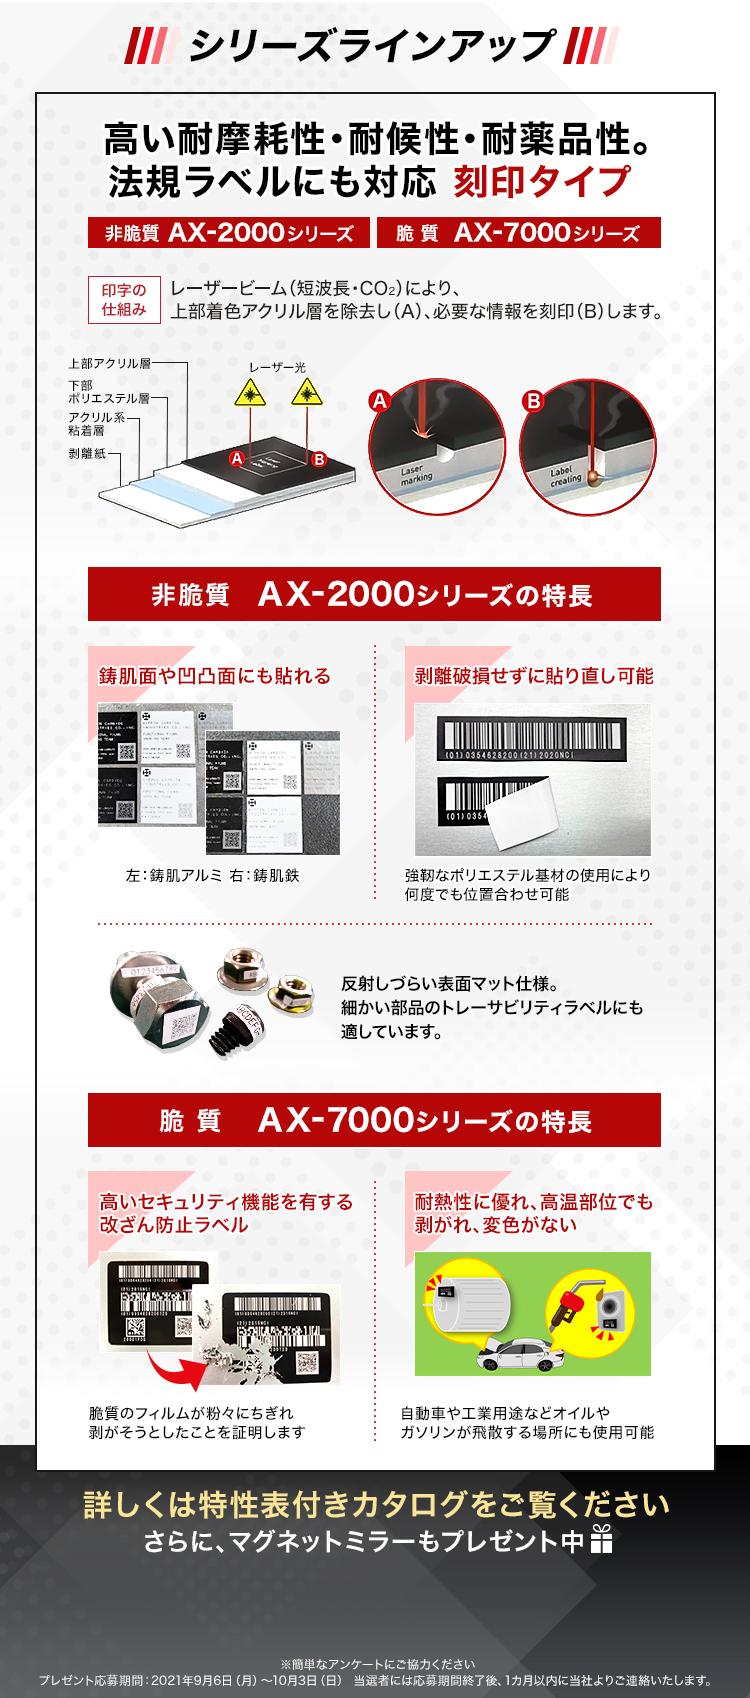 シリーズラインアップ/高い耐摩耗性・耐候性・耐薬品性。法規ラベルにも対応 刻印タイプ/非脆質 AX-2000シリーズの特長/鋳肌面や凹凸面にも貼れる/剥離破損せずに貼り直し可能/反射しづらい表面マット仕様。細かい部品のトレーサビリティラベルにも適しています。/脆質 AX-7000シリーズの特長/高いセキュリティ機能を有する改ざん防止ラベル/耐熱性に優れ、高温部位でも剥がれ、変色がない/詳しくは特性表付きカタログをご覧ください。さらに、マグネットミラーもプレゼント中